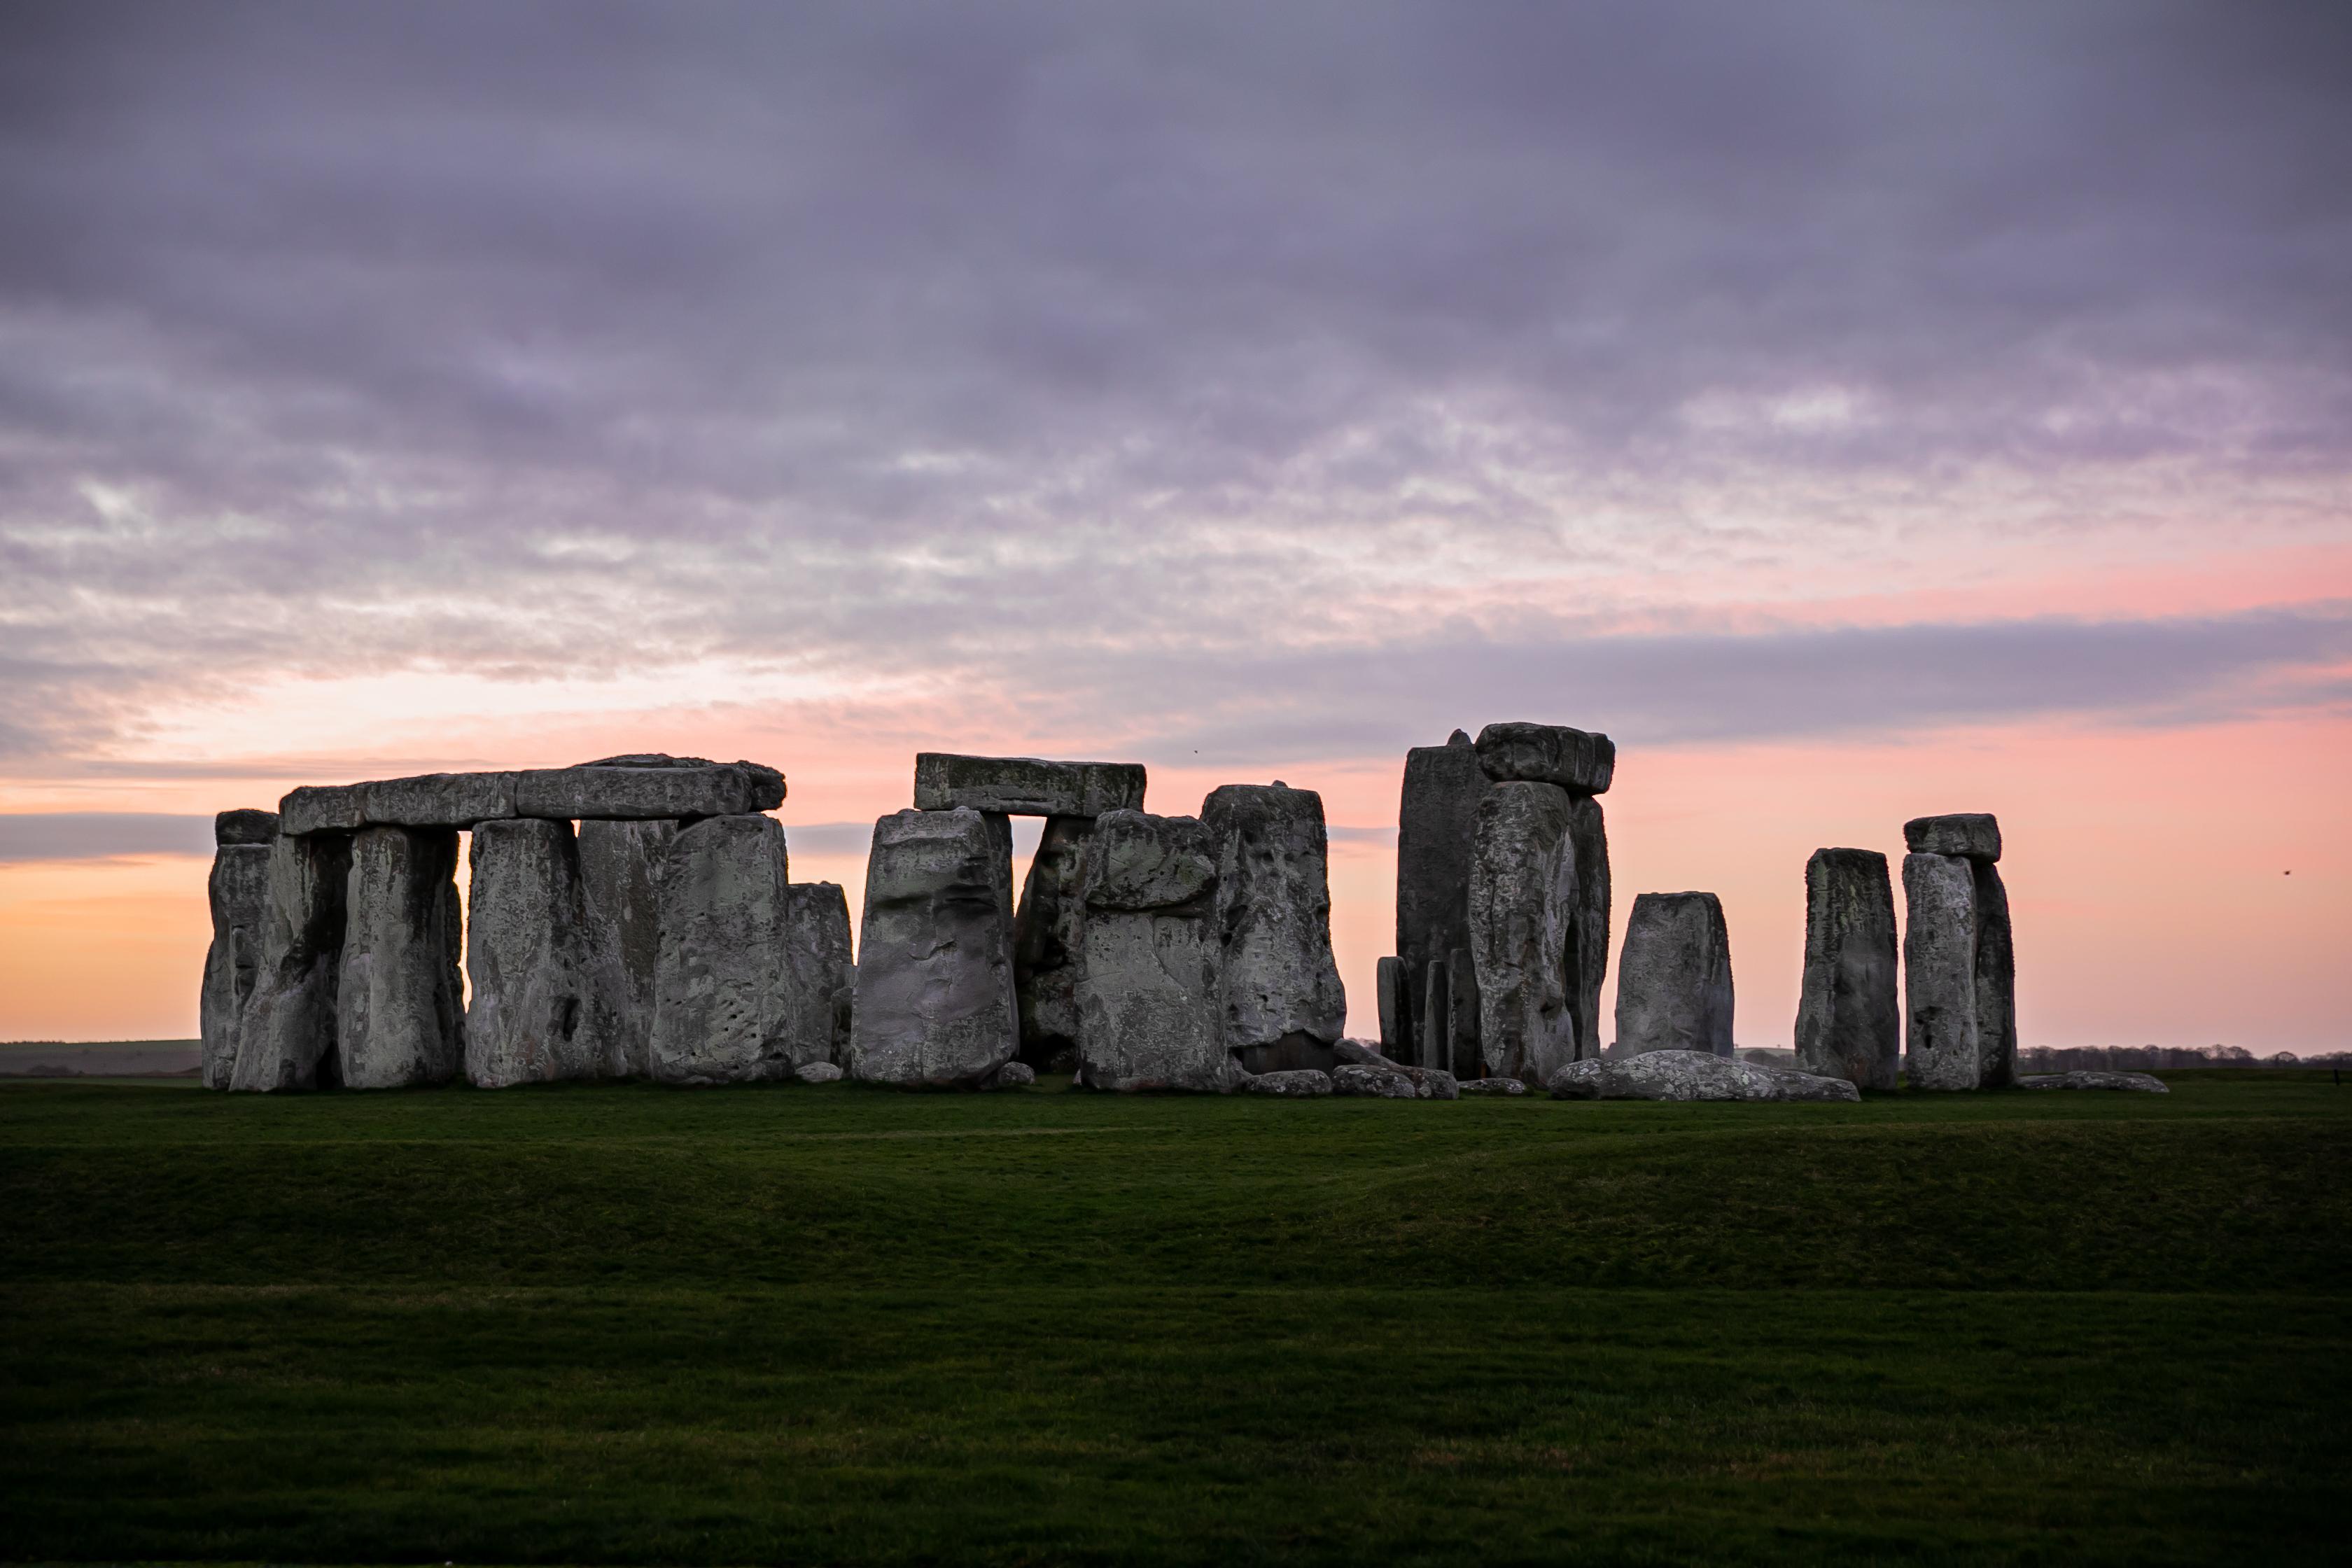 Landscape Photo of Stonehenge